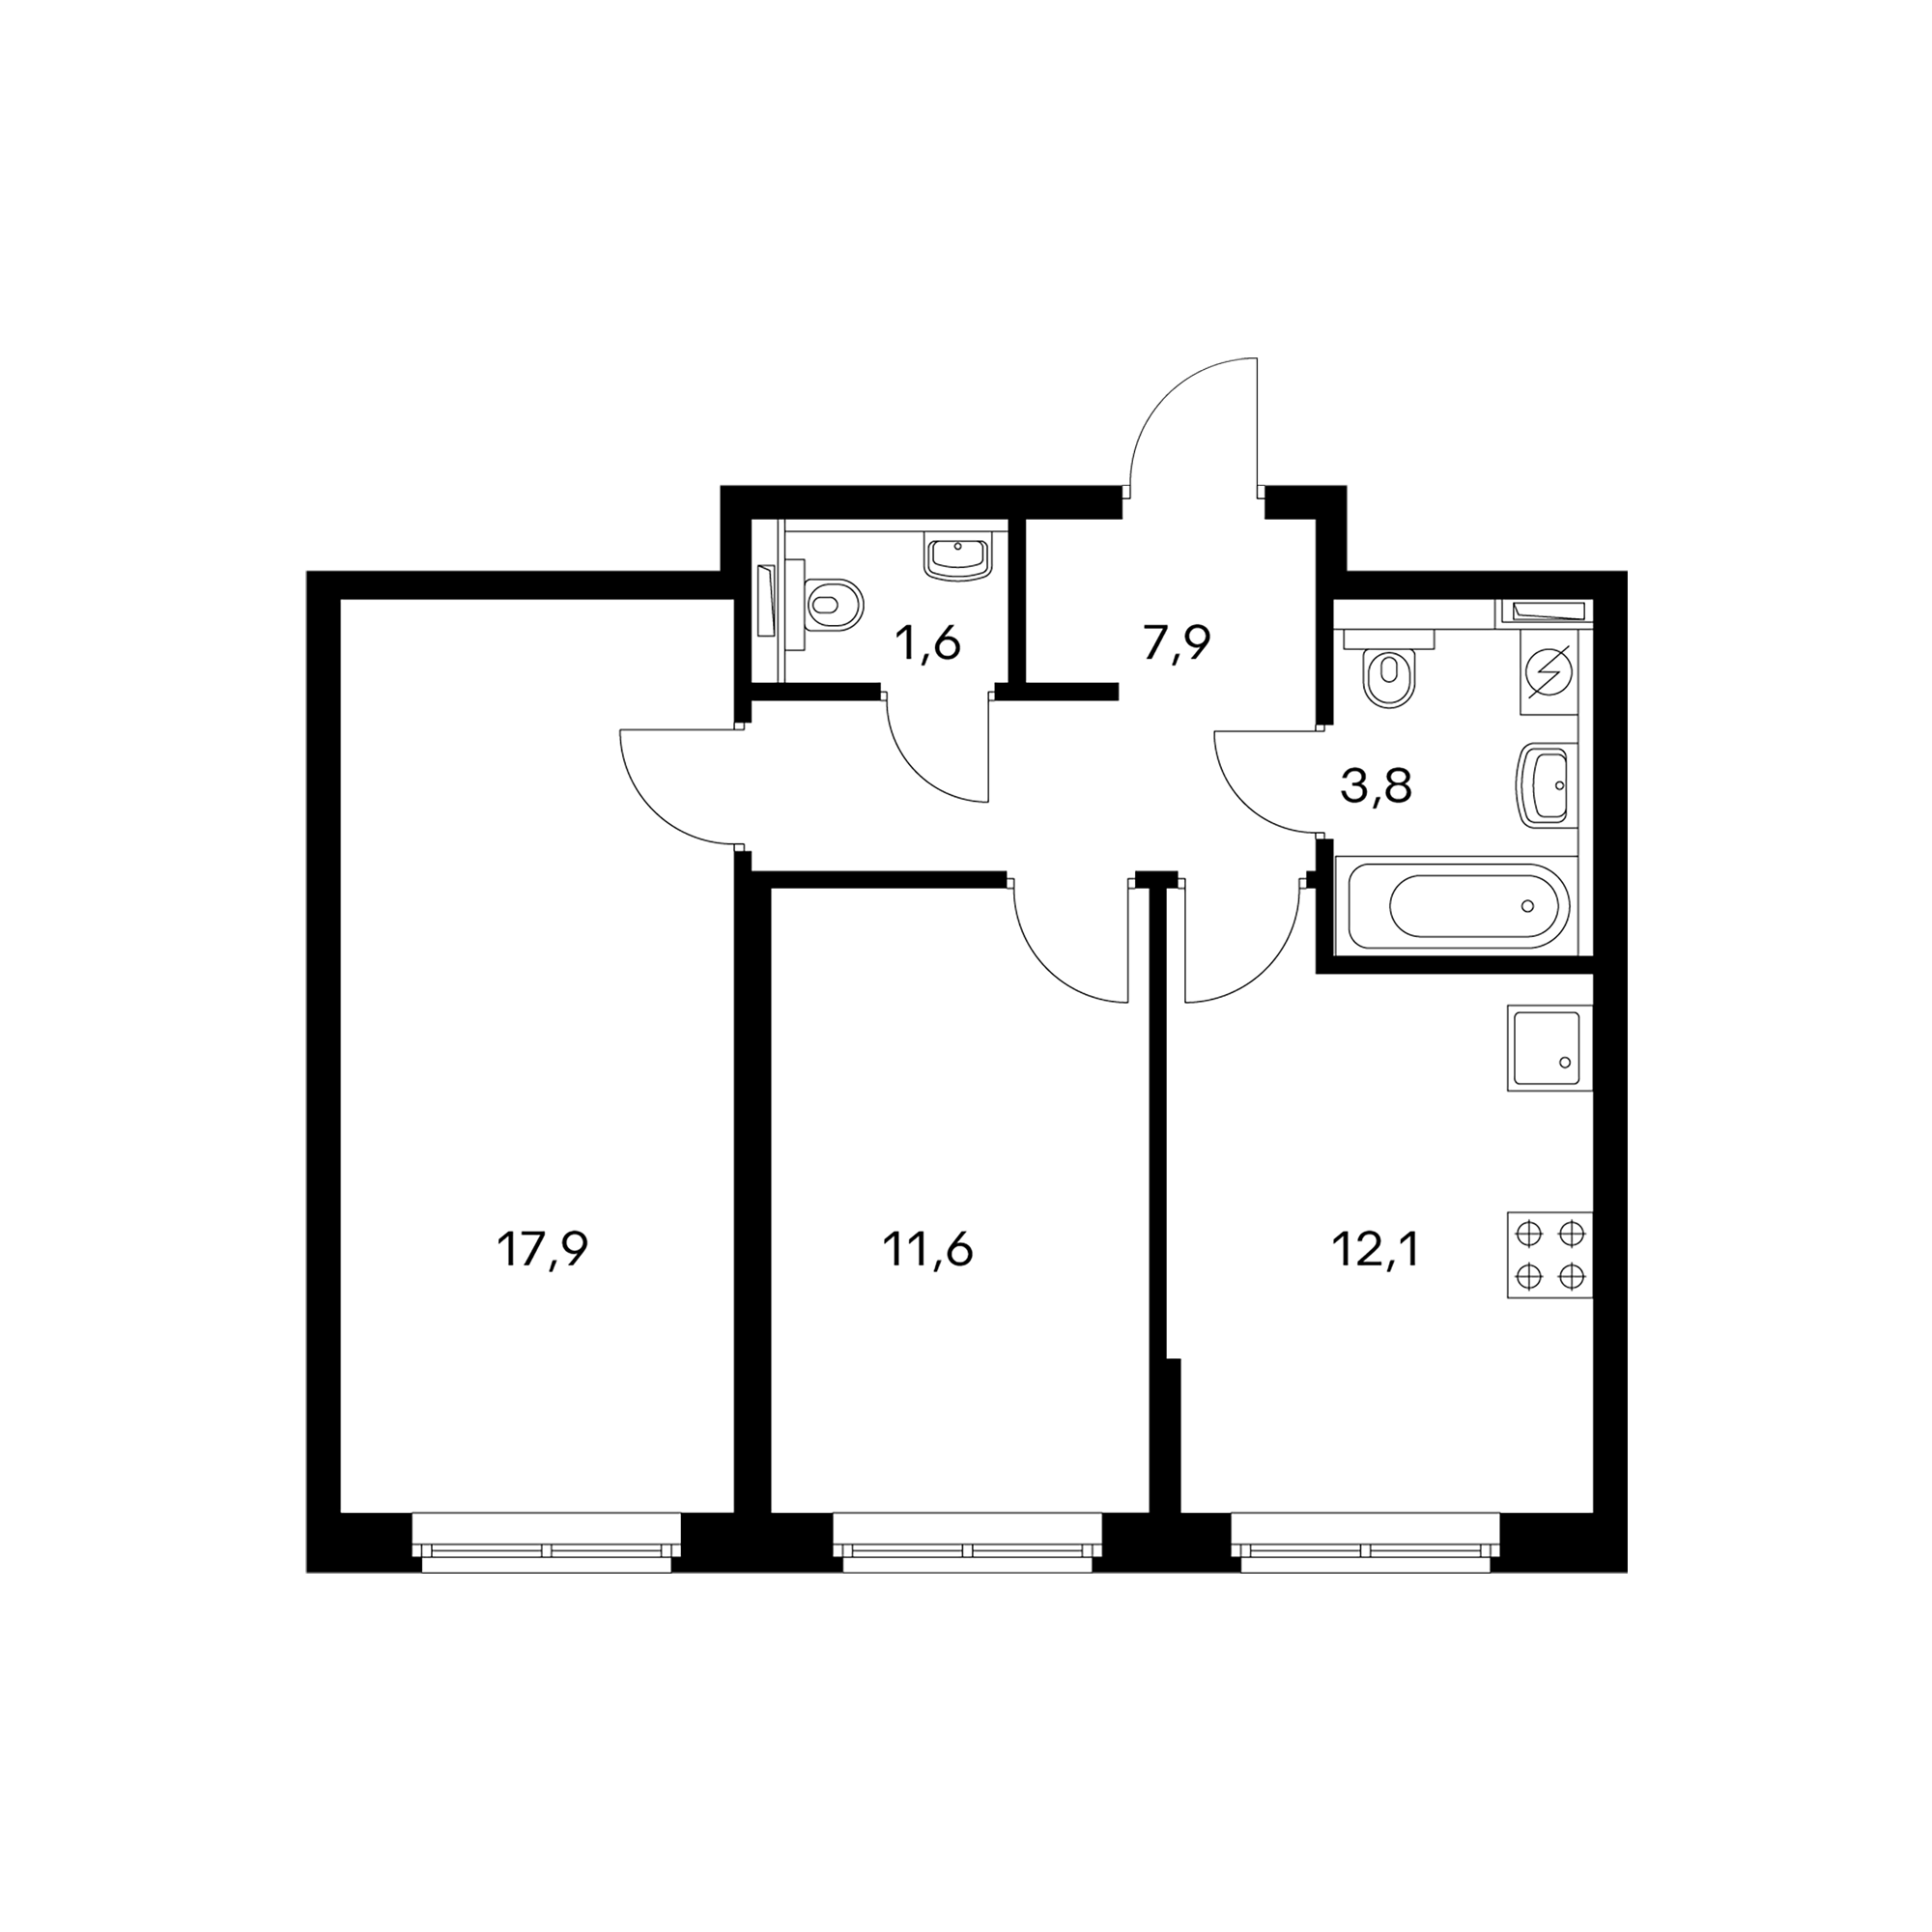 2-комнатная 54.9 м²